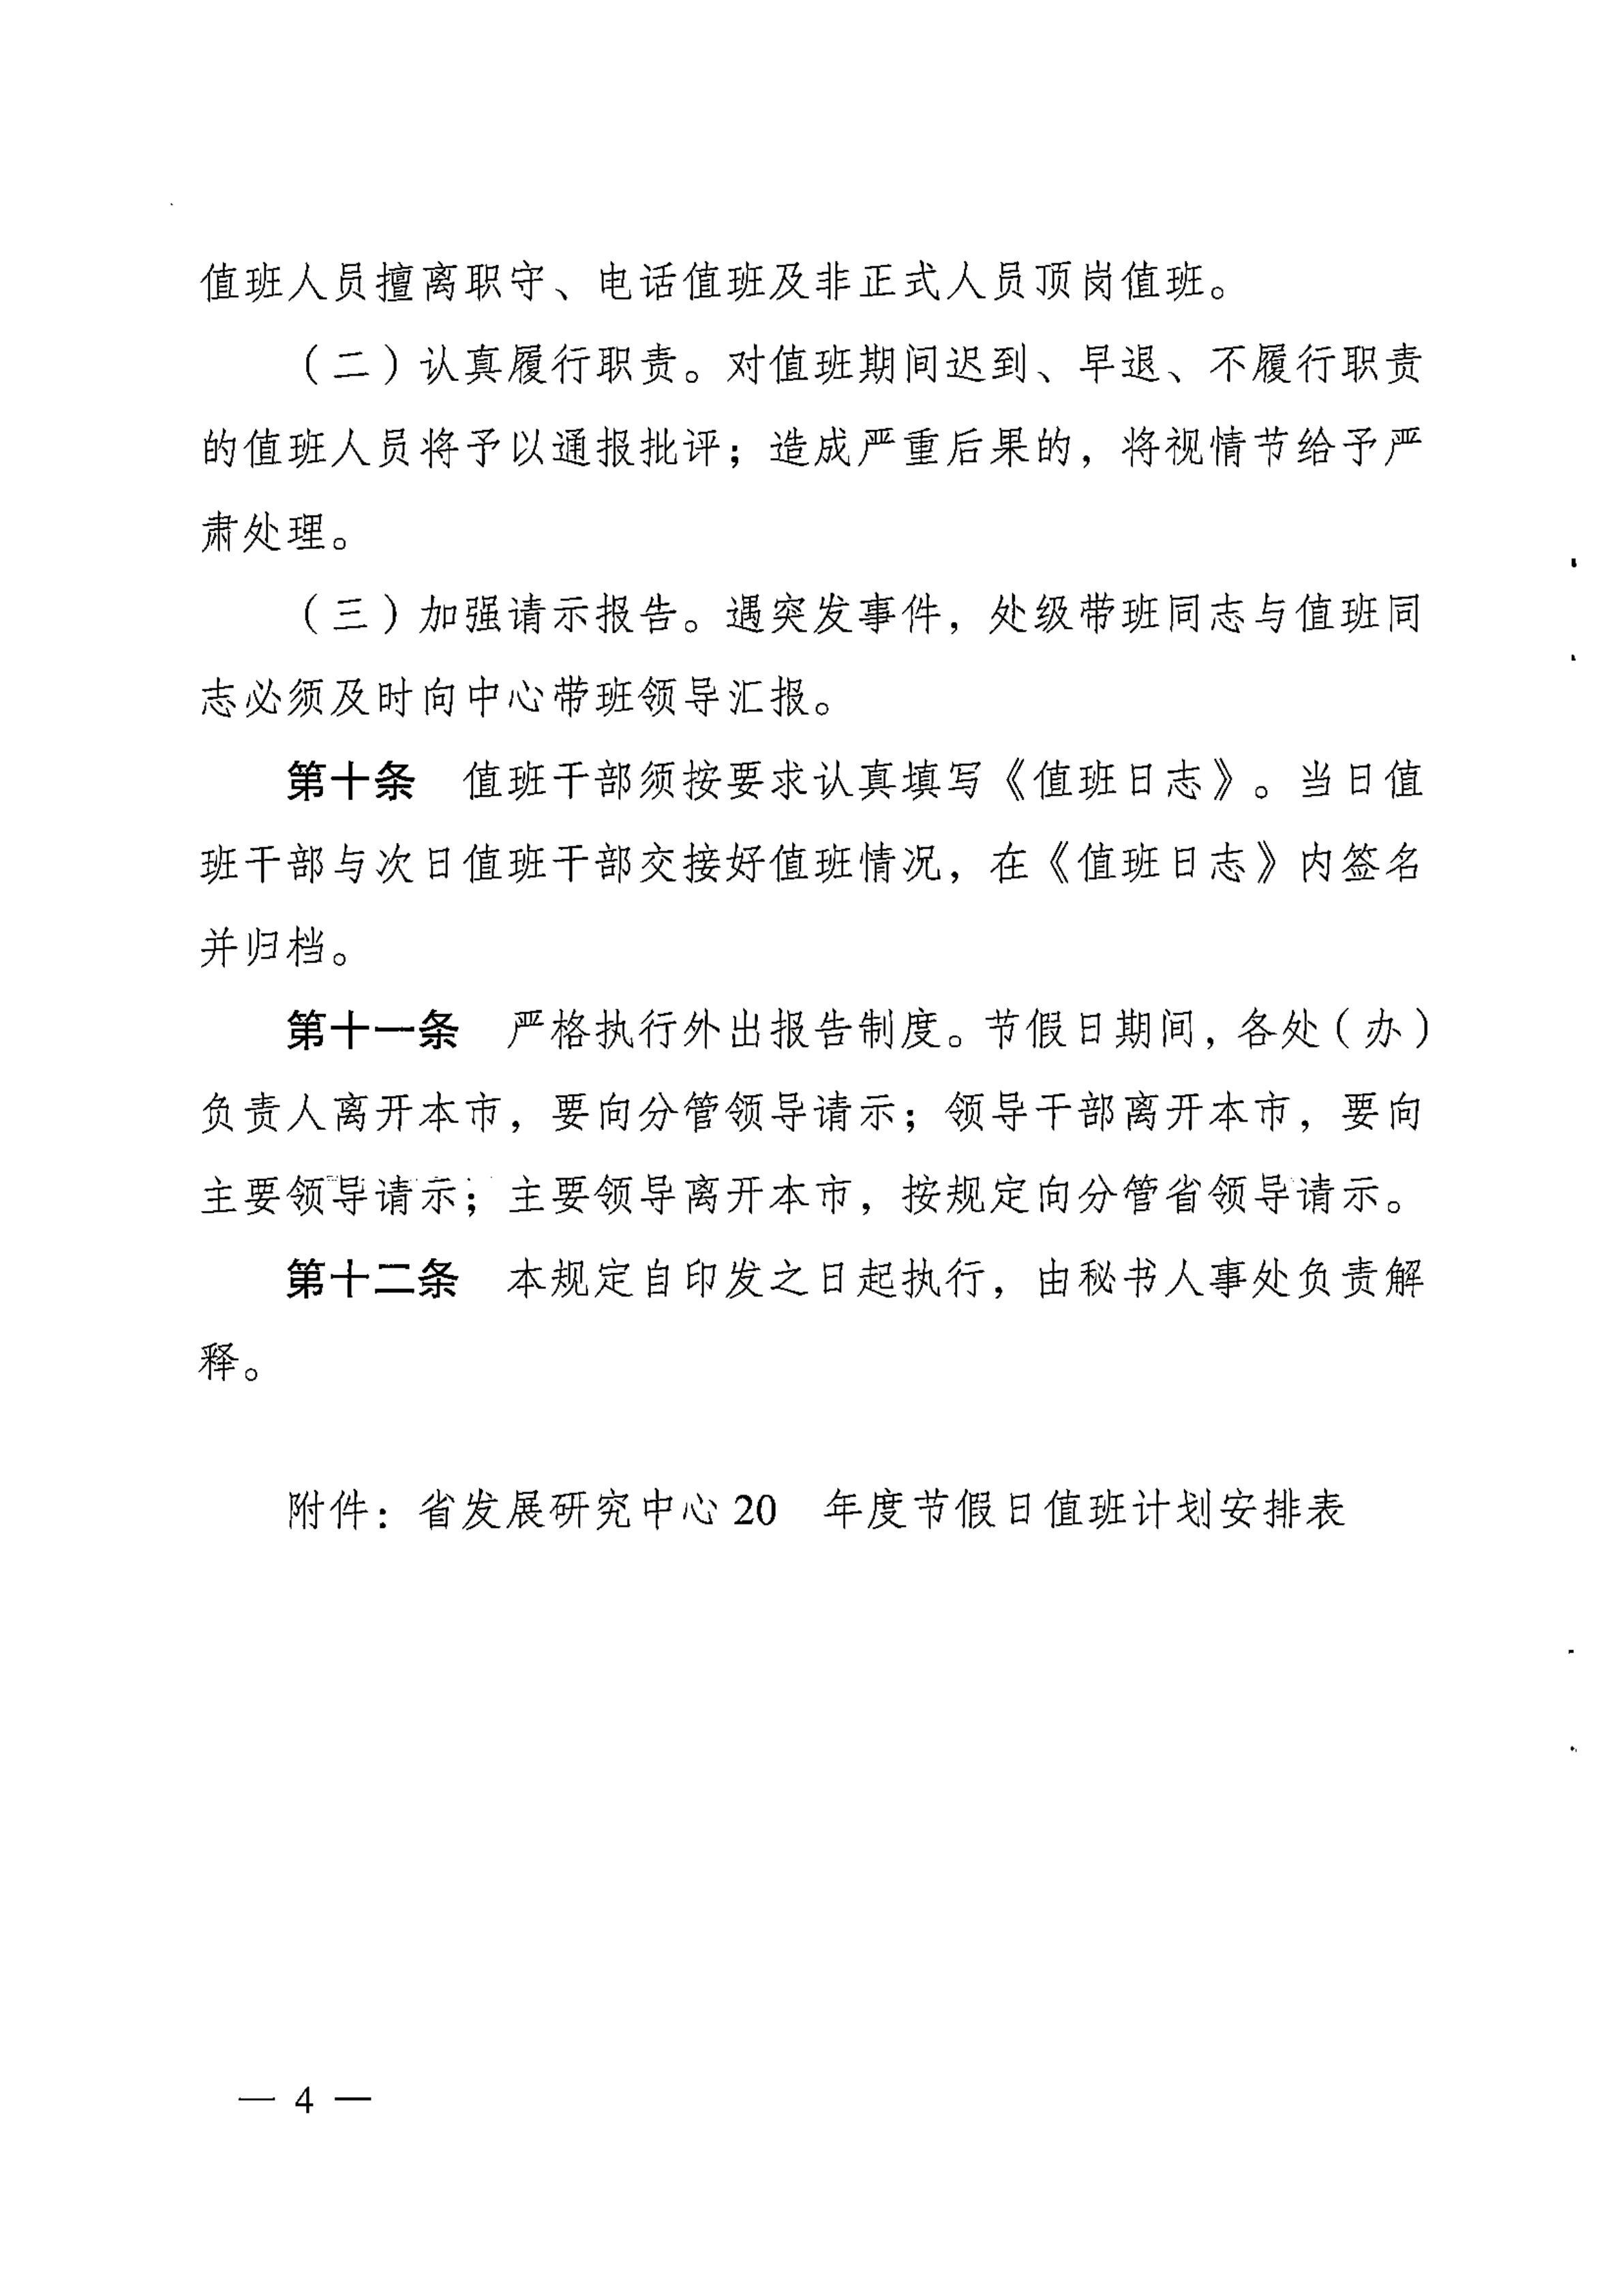 关于印发《广东省人民政府发展研究中心节假日值班规定》的通知_03.jpg